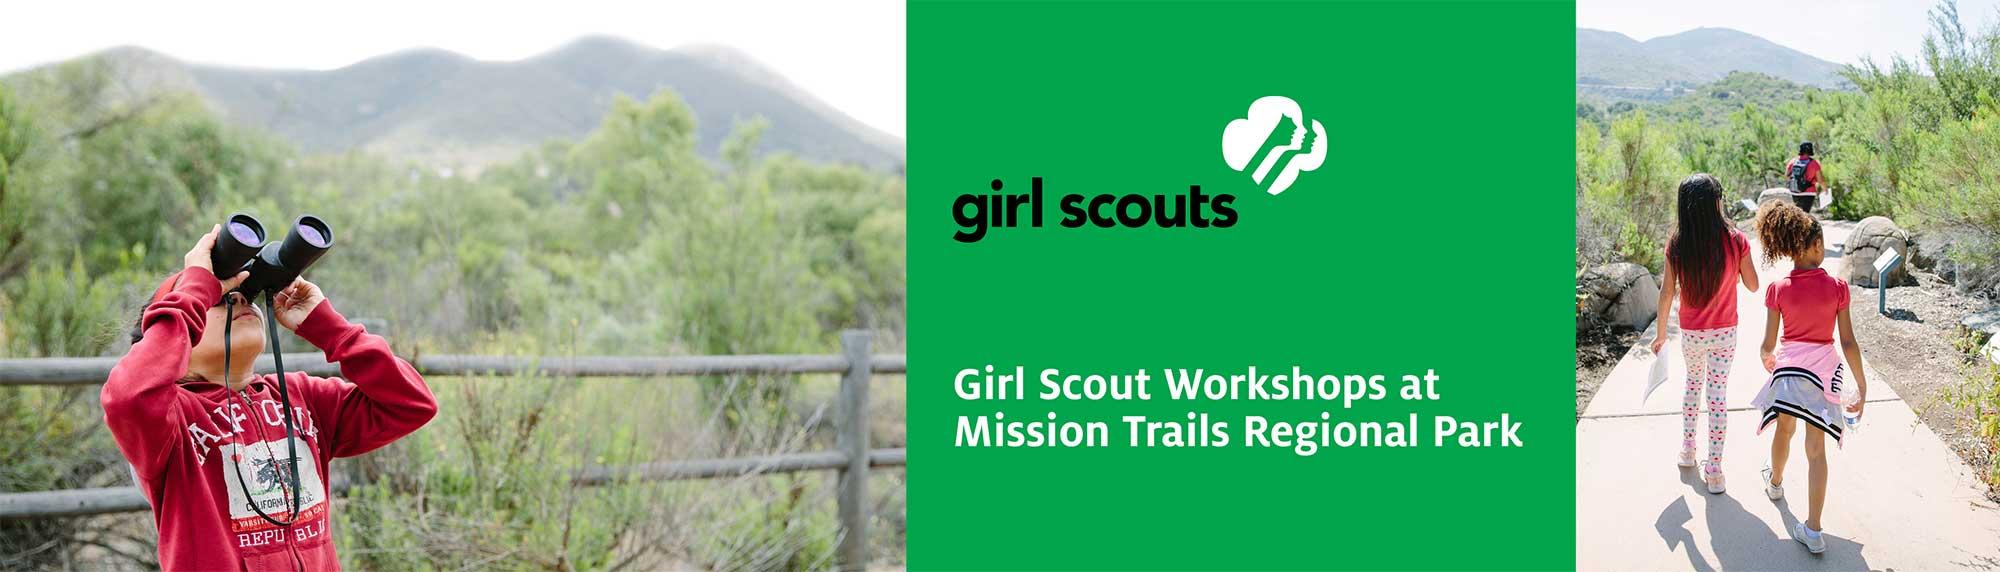 Girl Scout Workshops at Mission Trails Regional Park